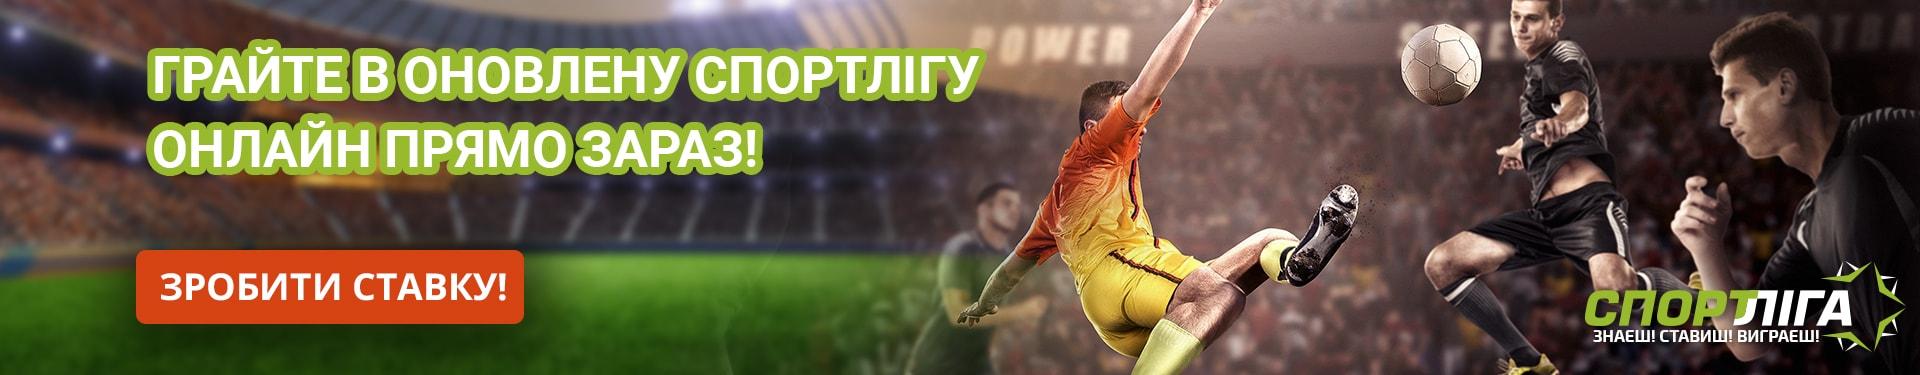 Мсл спортлига ставки на спорт онлайн футбол события прогнозы ставки